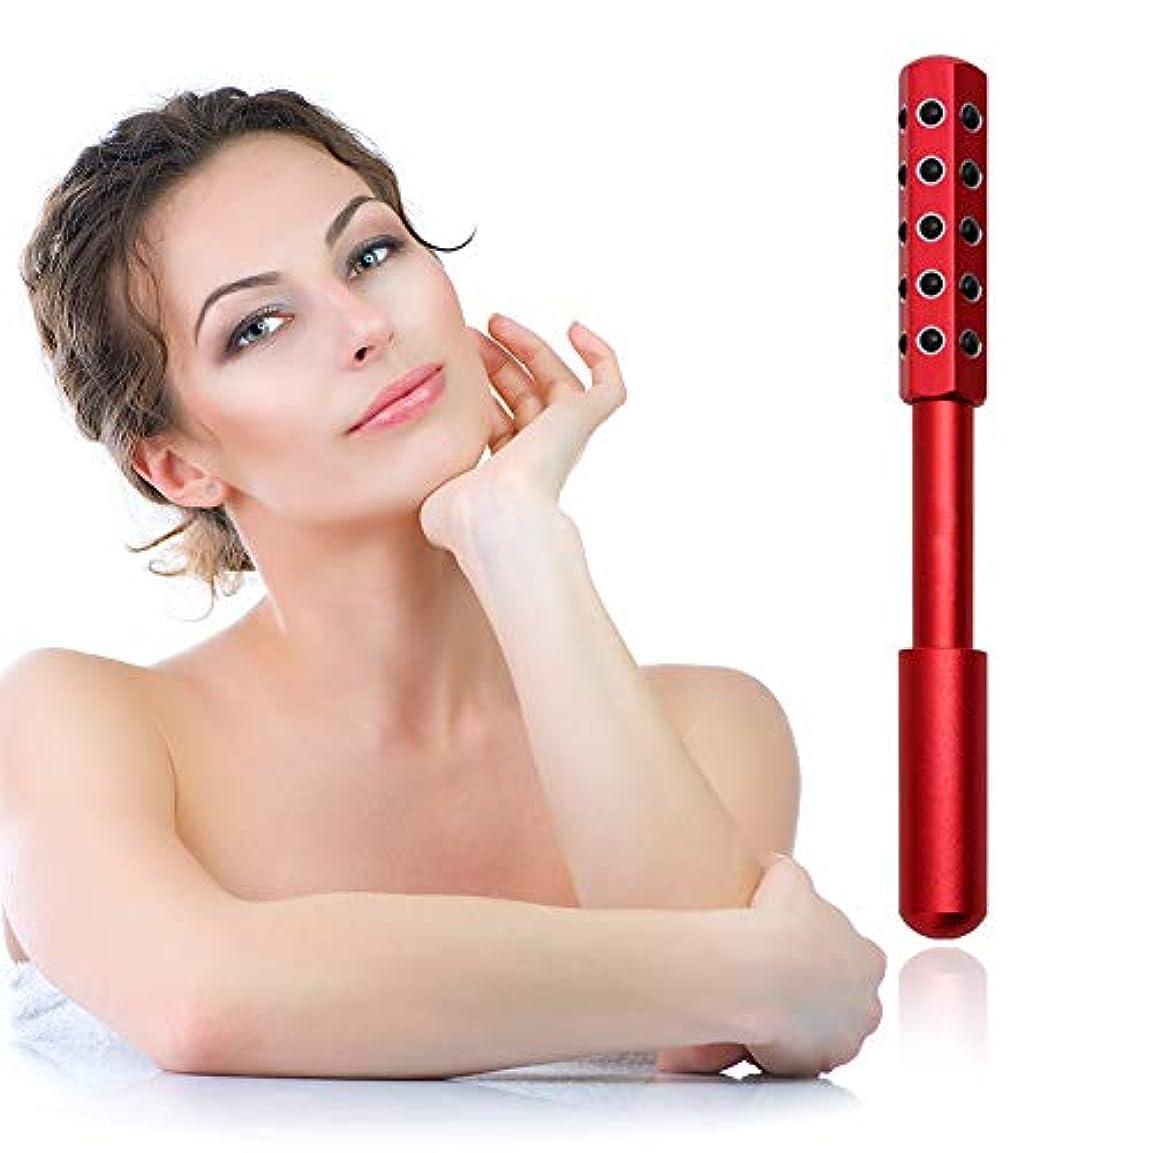 配管工ヘビー噴出する顔と体のためのゲルマニウムマッサージ美容ローラーは、血液の循環を促進し、皮膚の引き締め、毒素、皮膚の抗しわをクリア